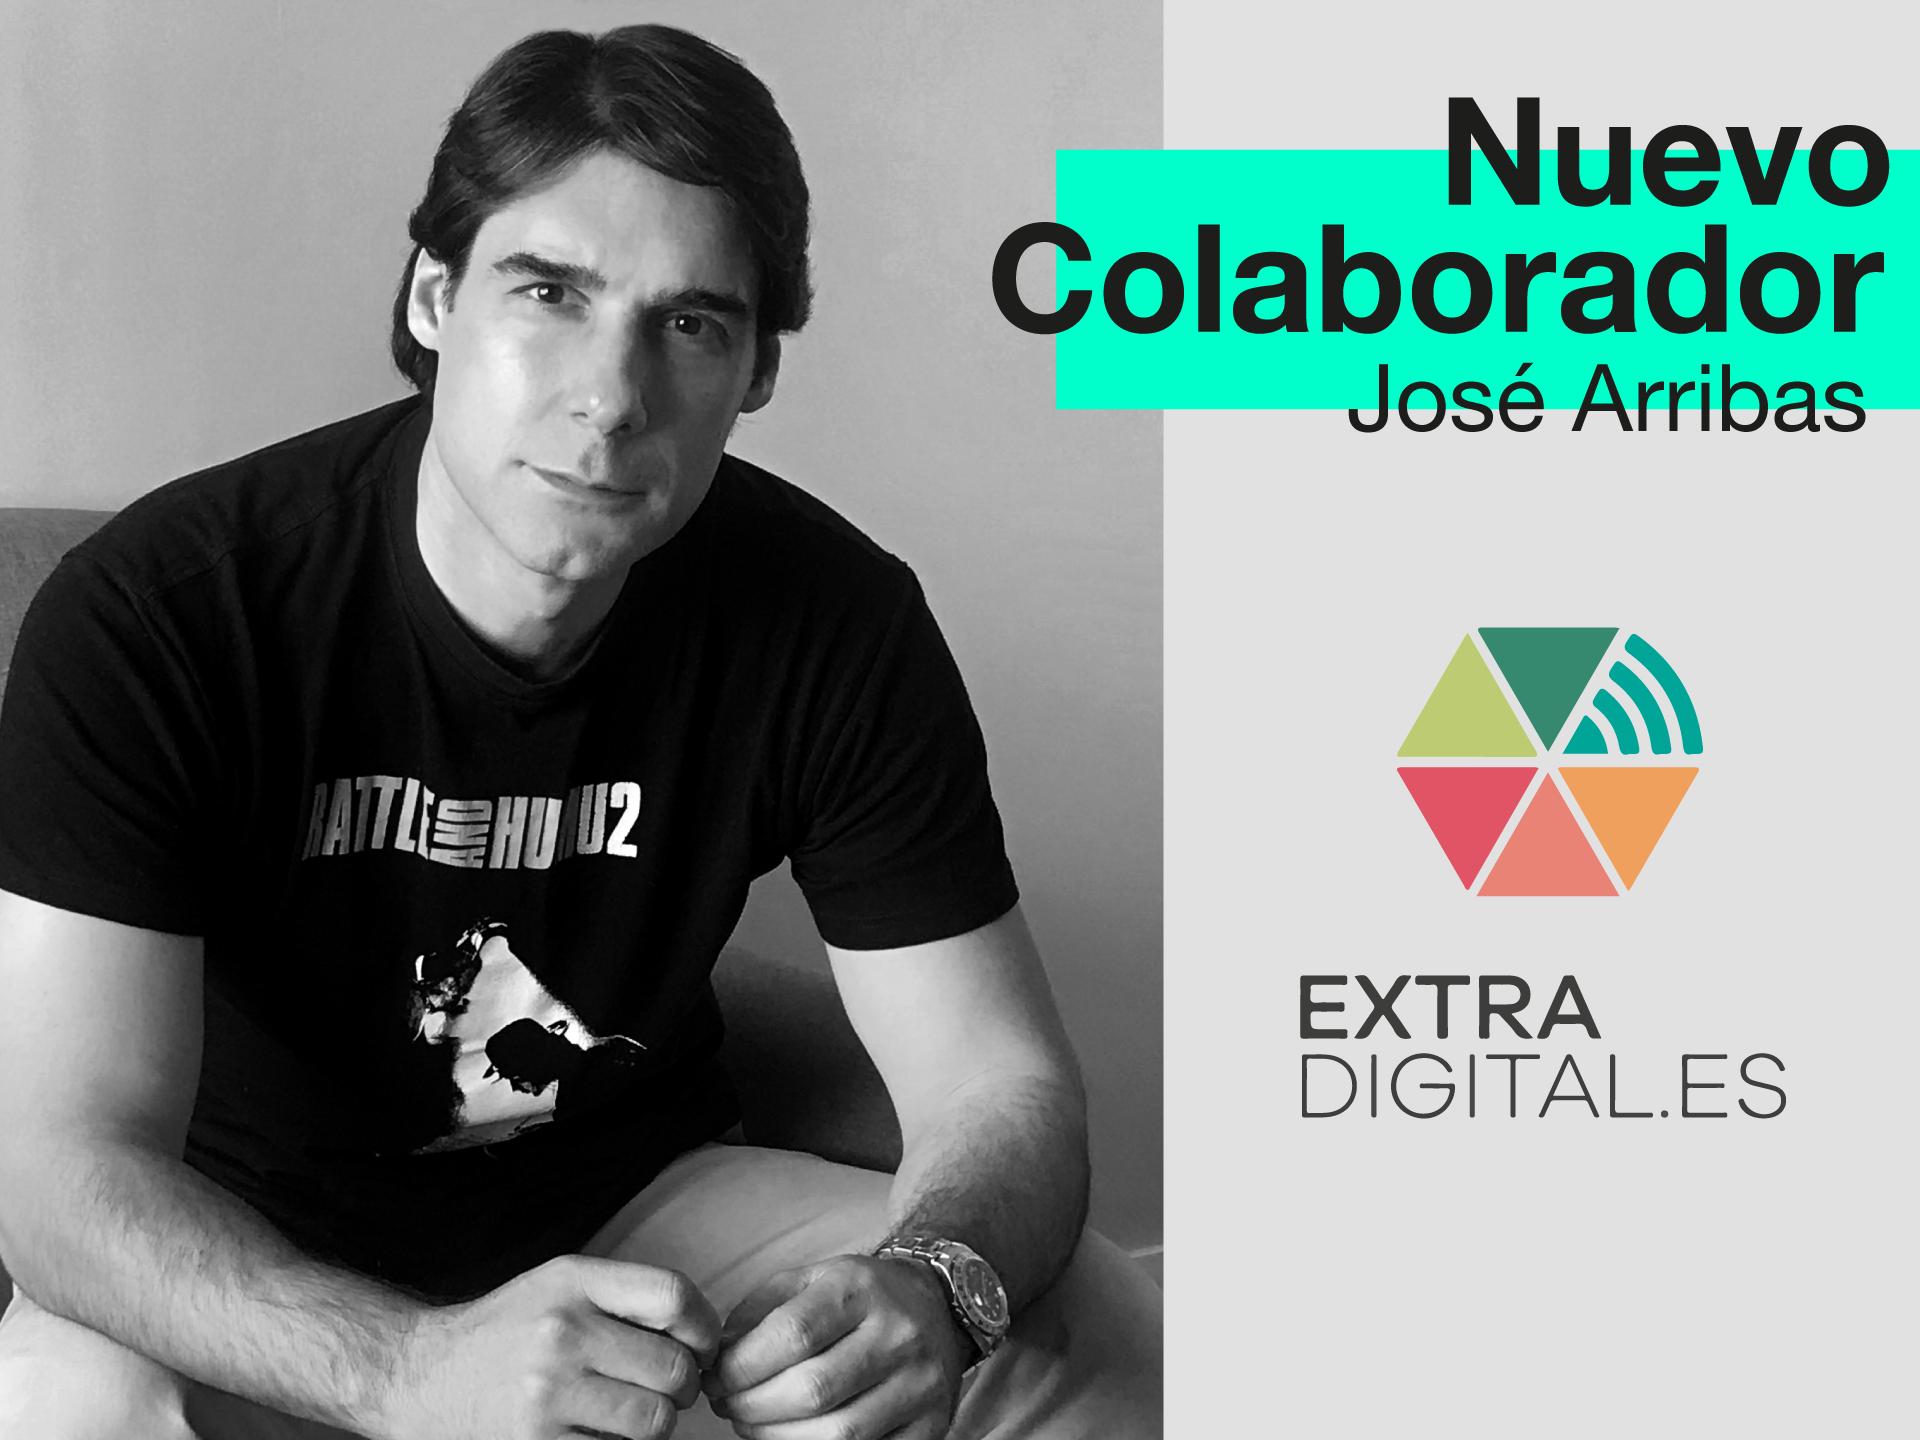 Miniatura_José_Arribas_Extradigital_NuevoColaborador